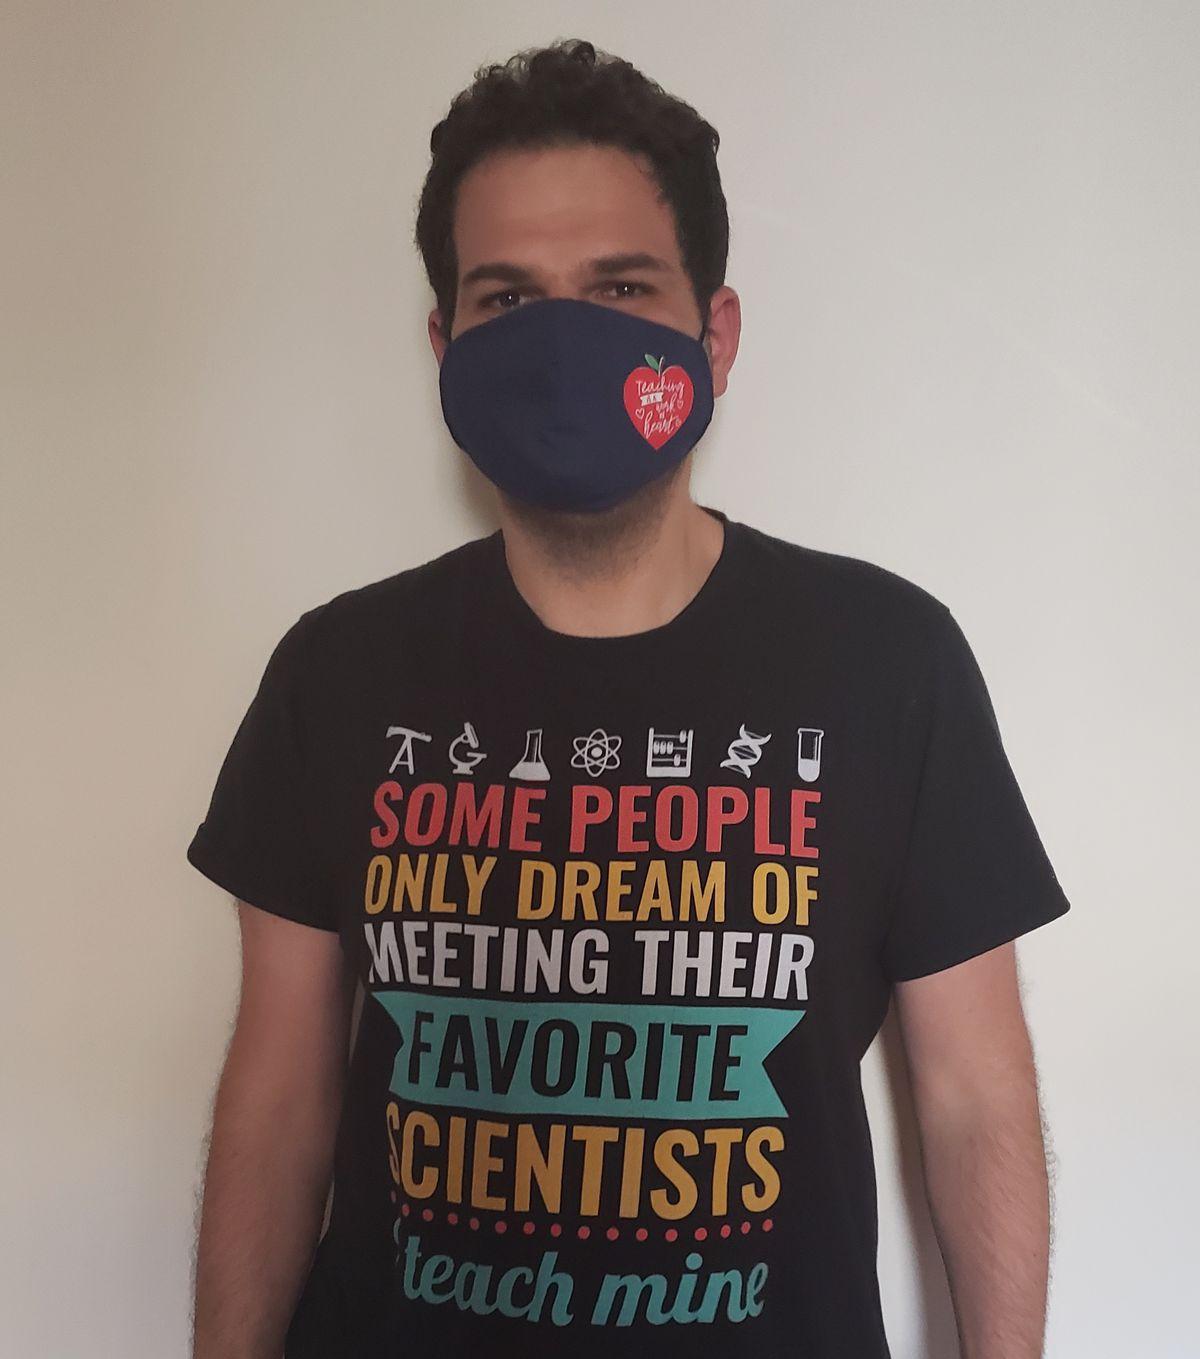 Konstantyn Goldin wears a black T-shirt about teaching science.